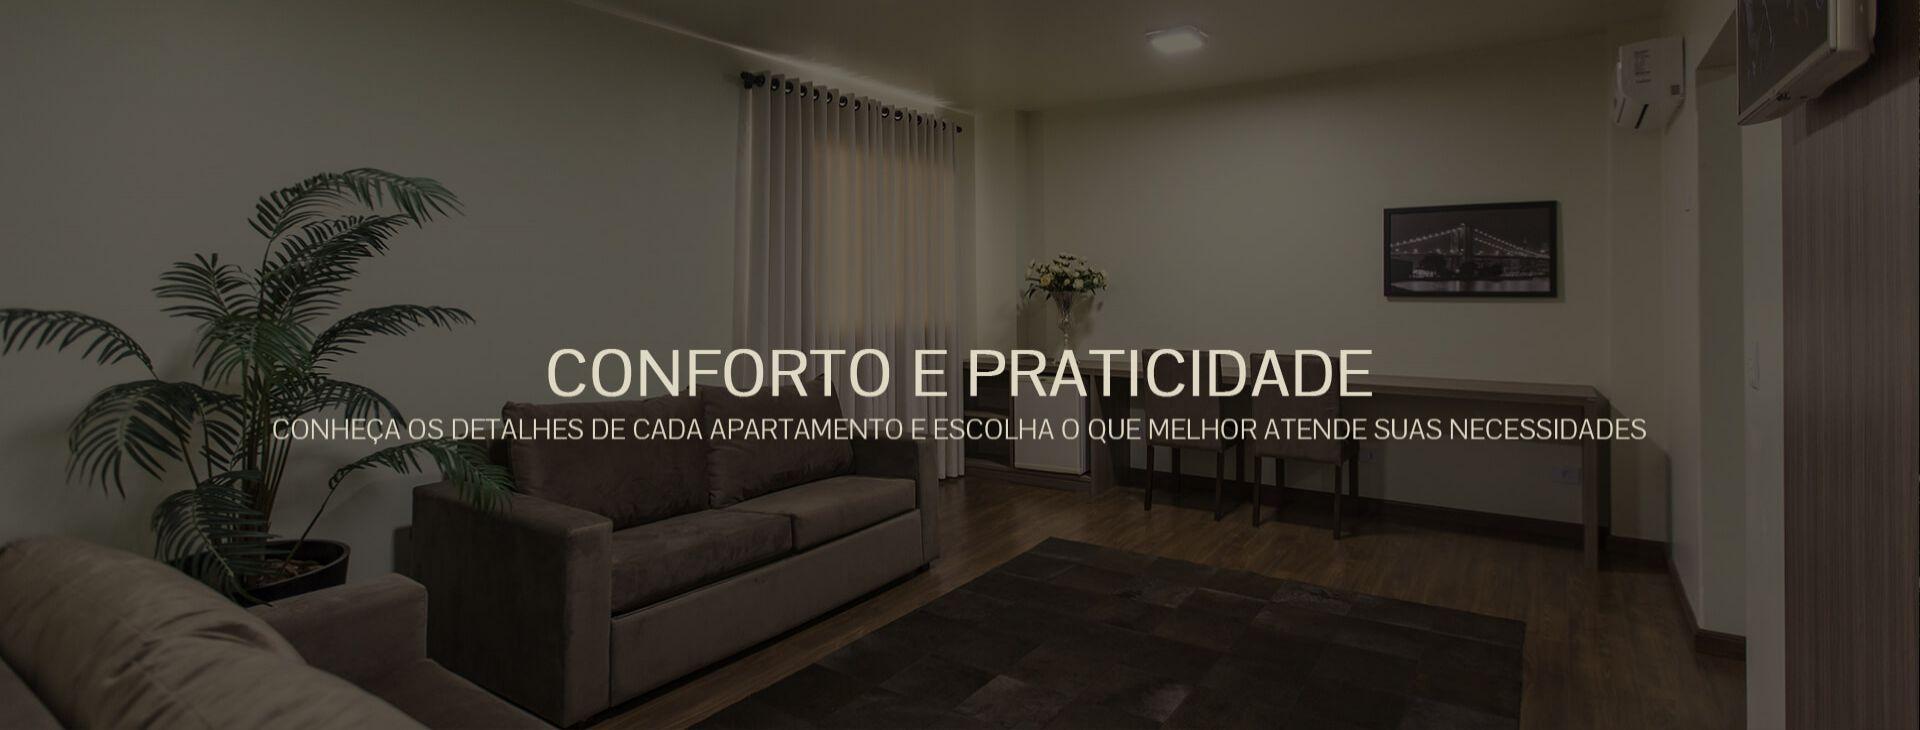 Conforto e Praticidade